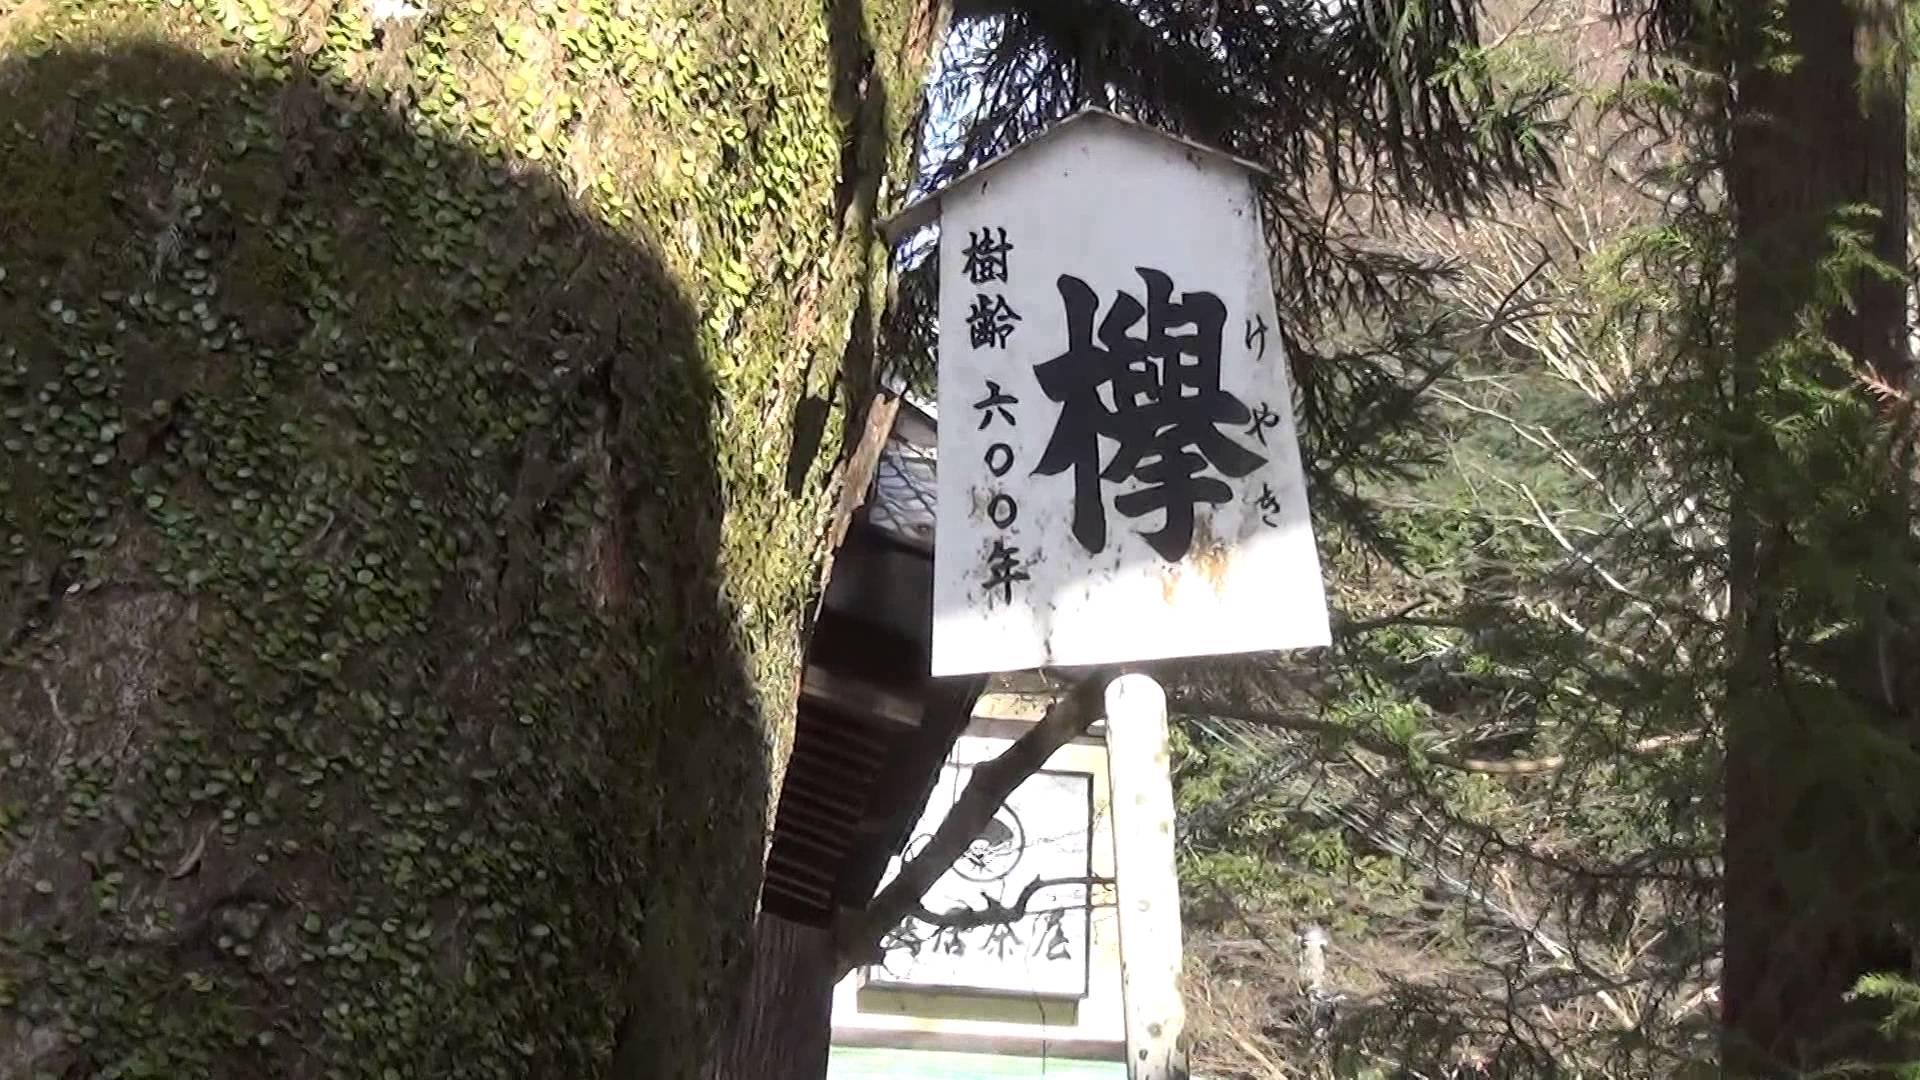 貴船神社編2 樹齢600年の巨大な「欅(けやき)」のご神木に息をのむ